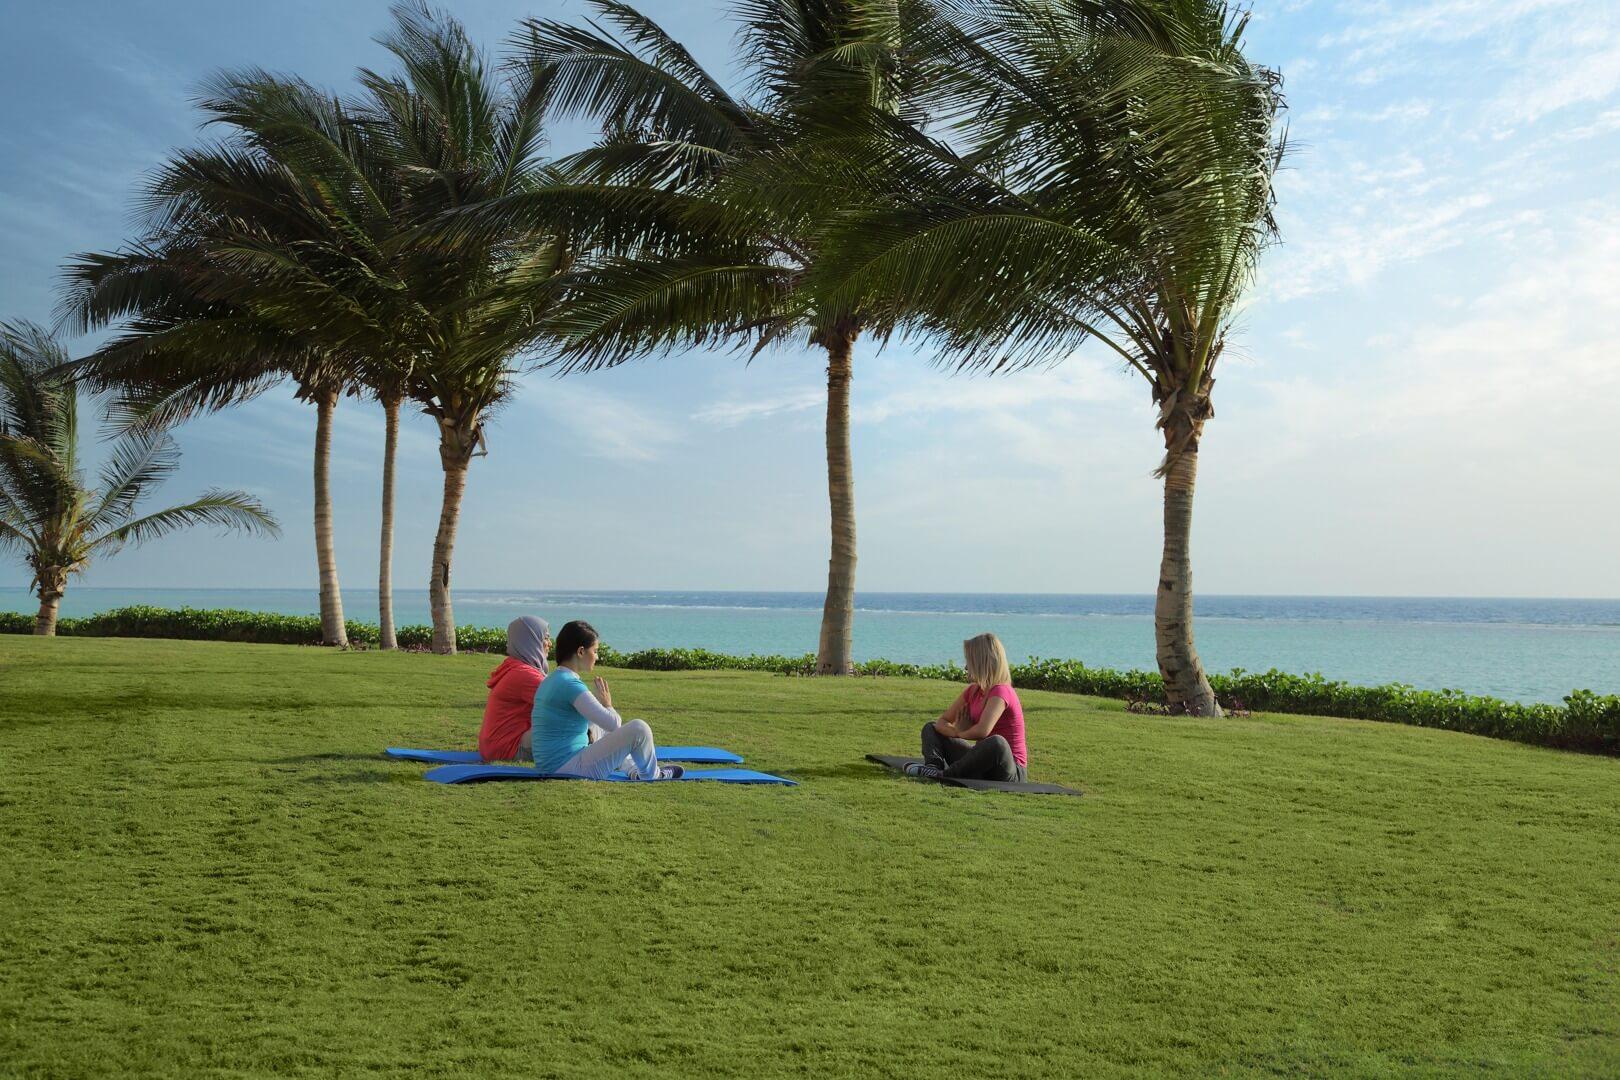 شاطئ المروج - مدينة الملك عبد الله الاقتصادية